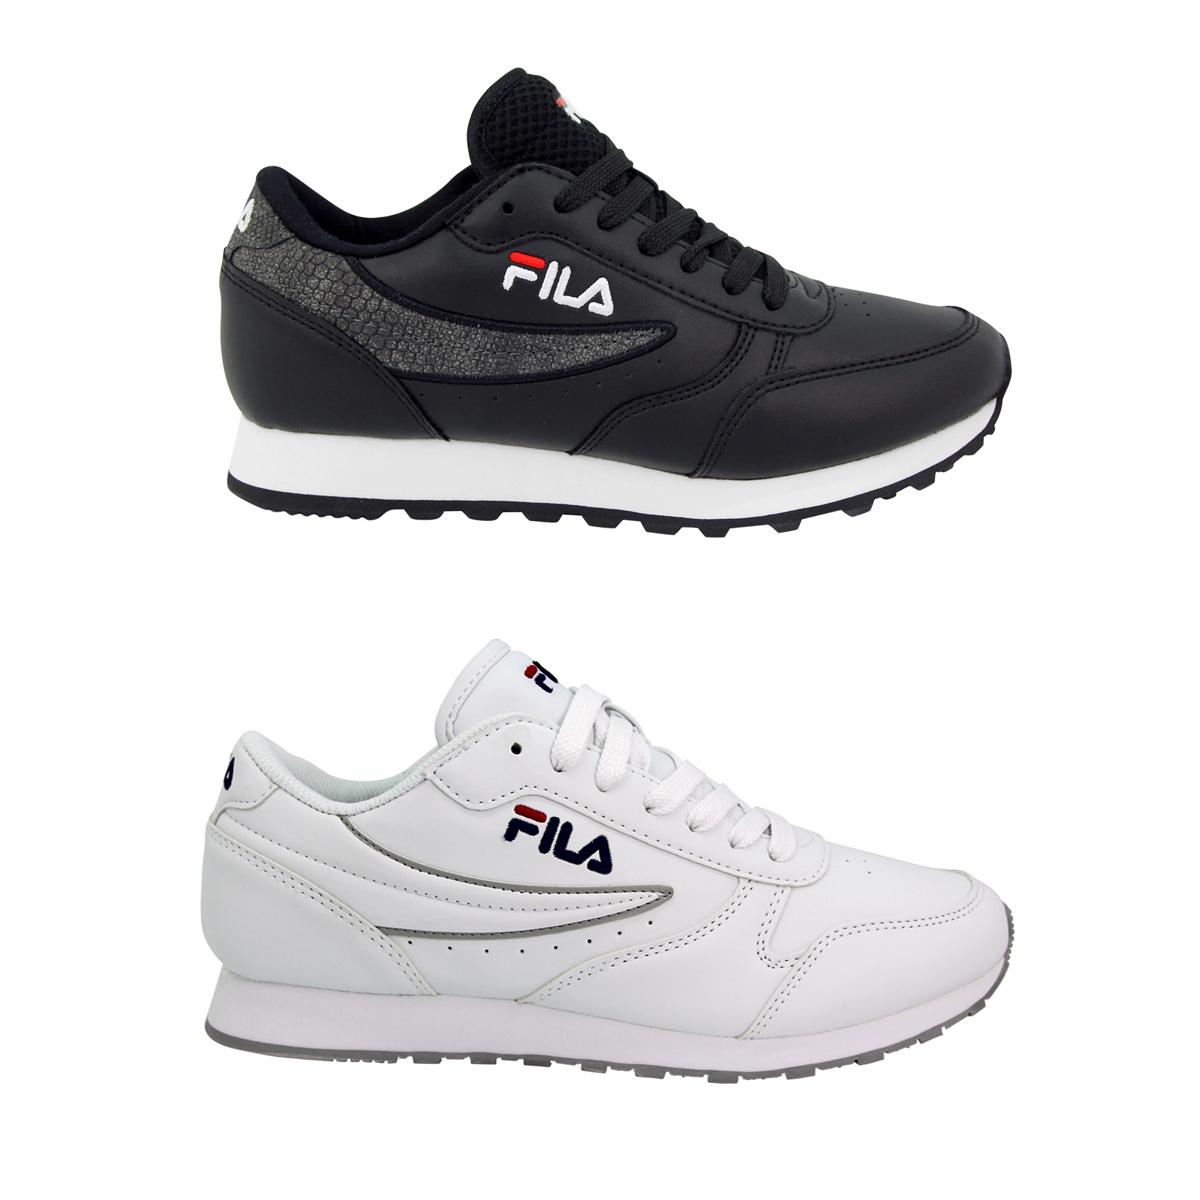 Fila LOW ORBIT LOW Fila Herren Sneakers Schuhe Neu 5a5157